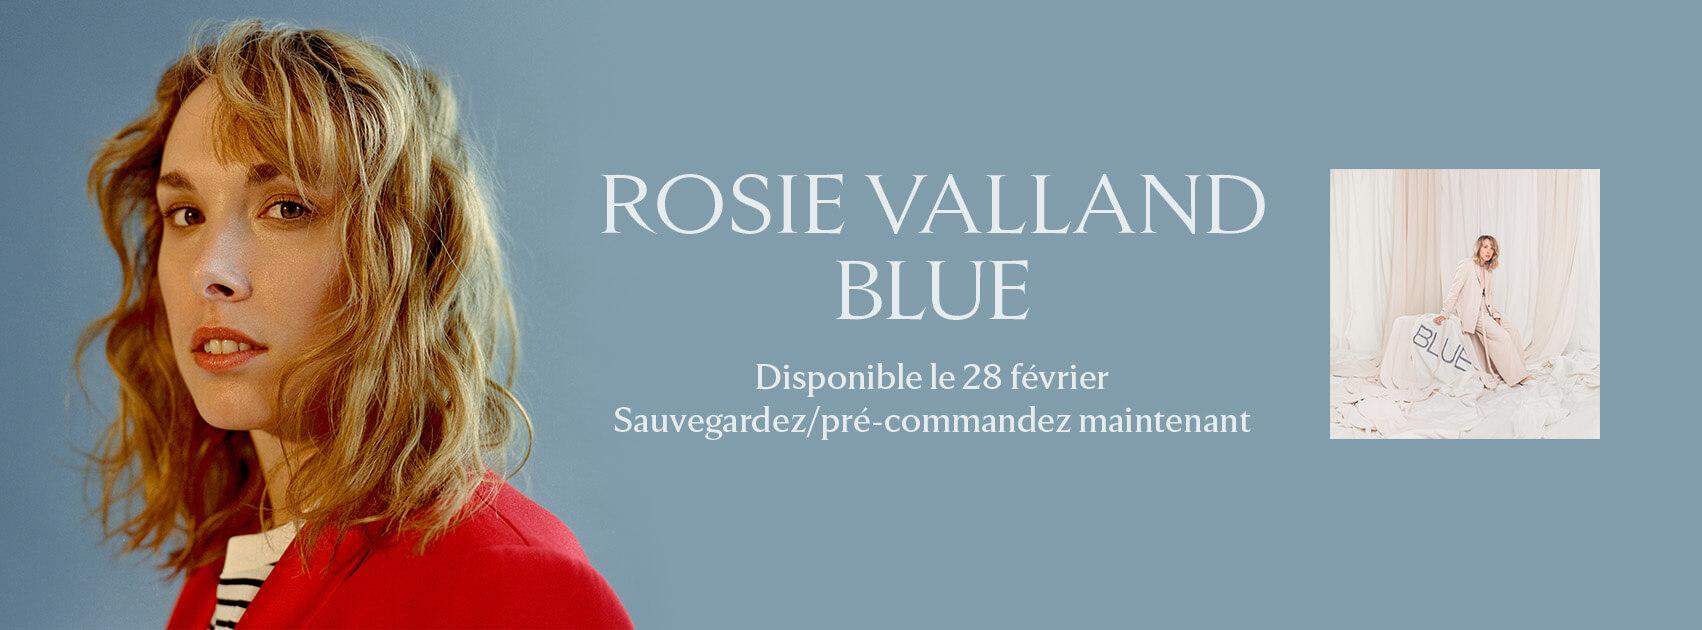 RosieValland-SCRWebsite-FR